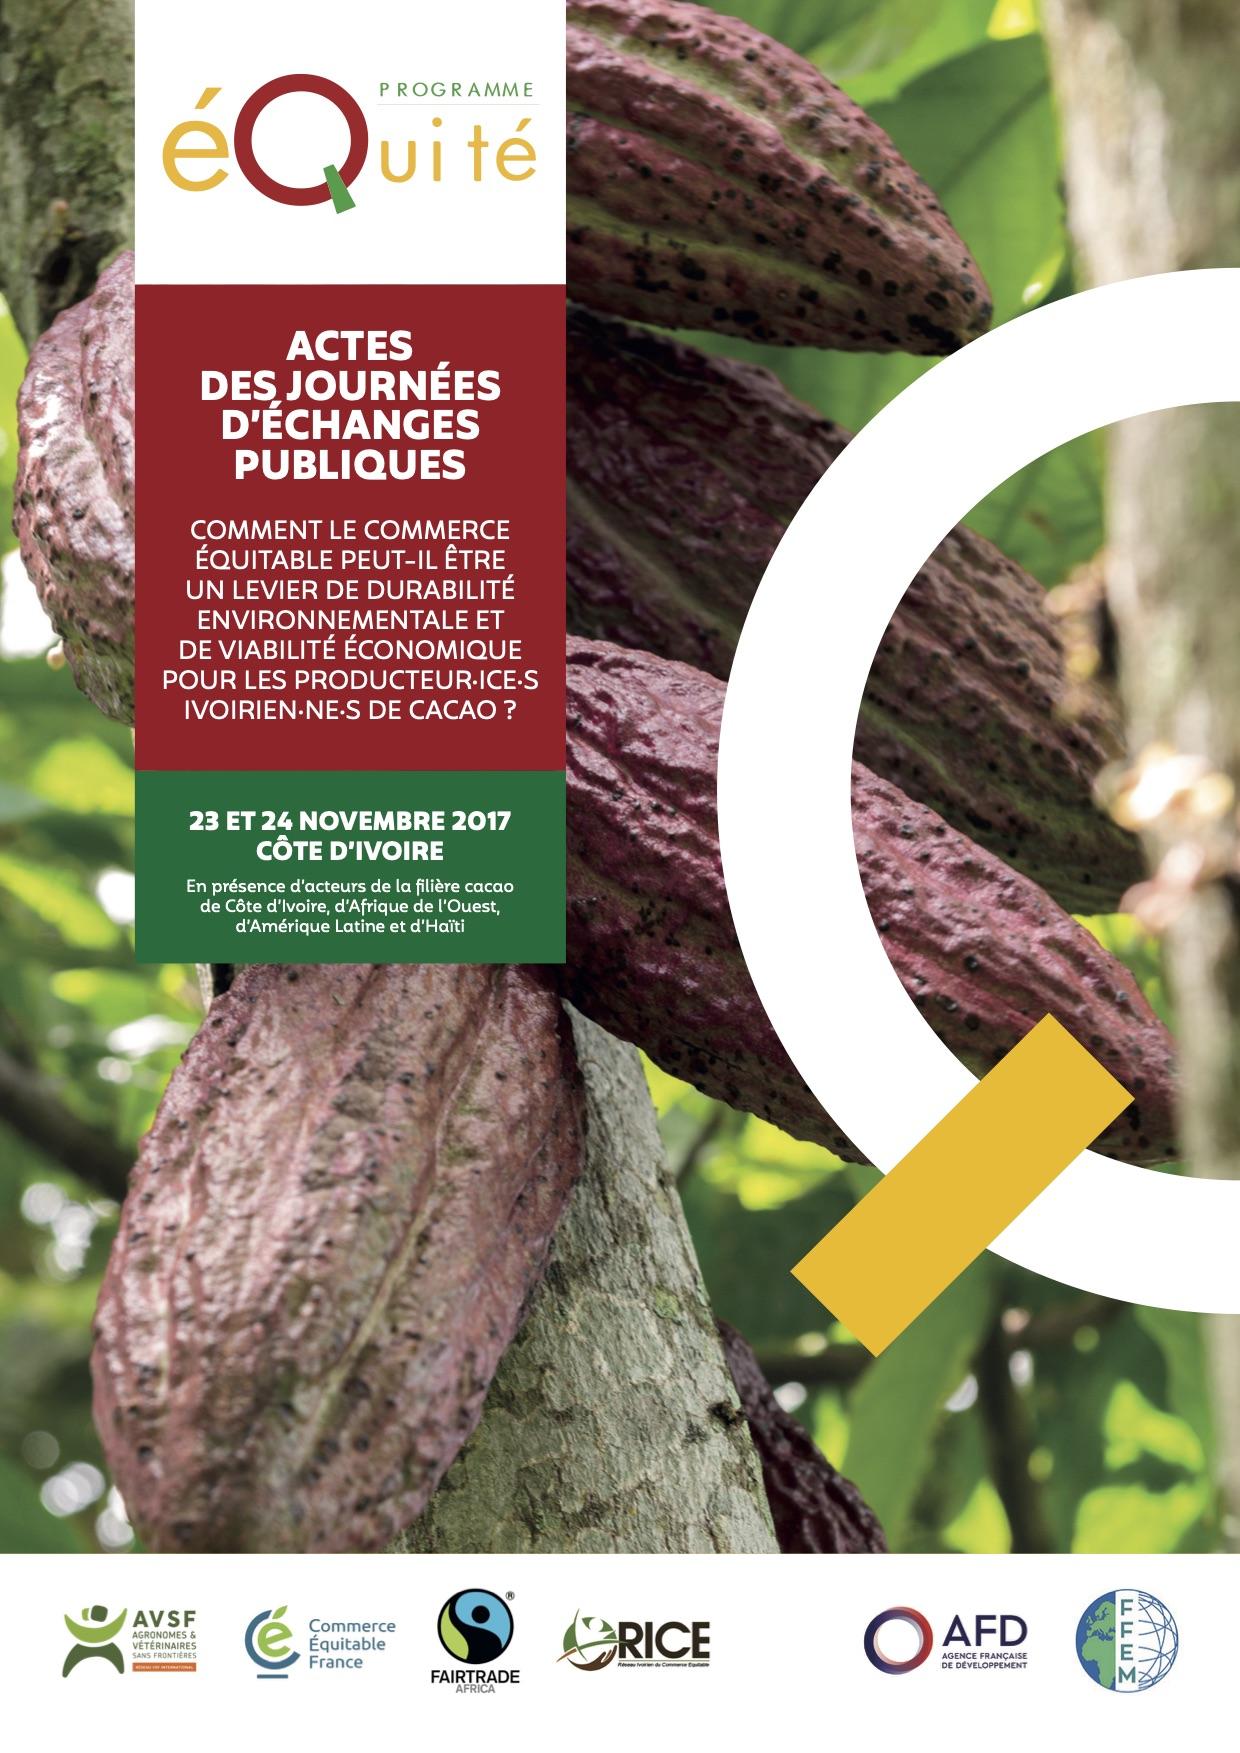 Comment le commerce équitable peut-il être un levier de durabilité environnementale et de viabilité économique pour les producteurs ivoiriens de cacao ? Image principale